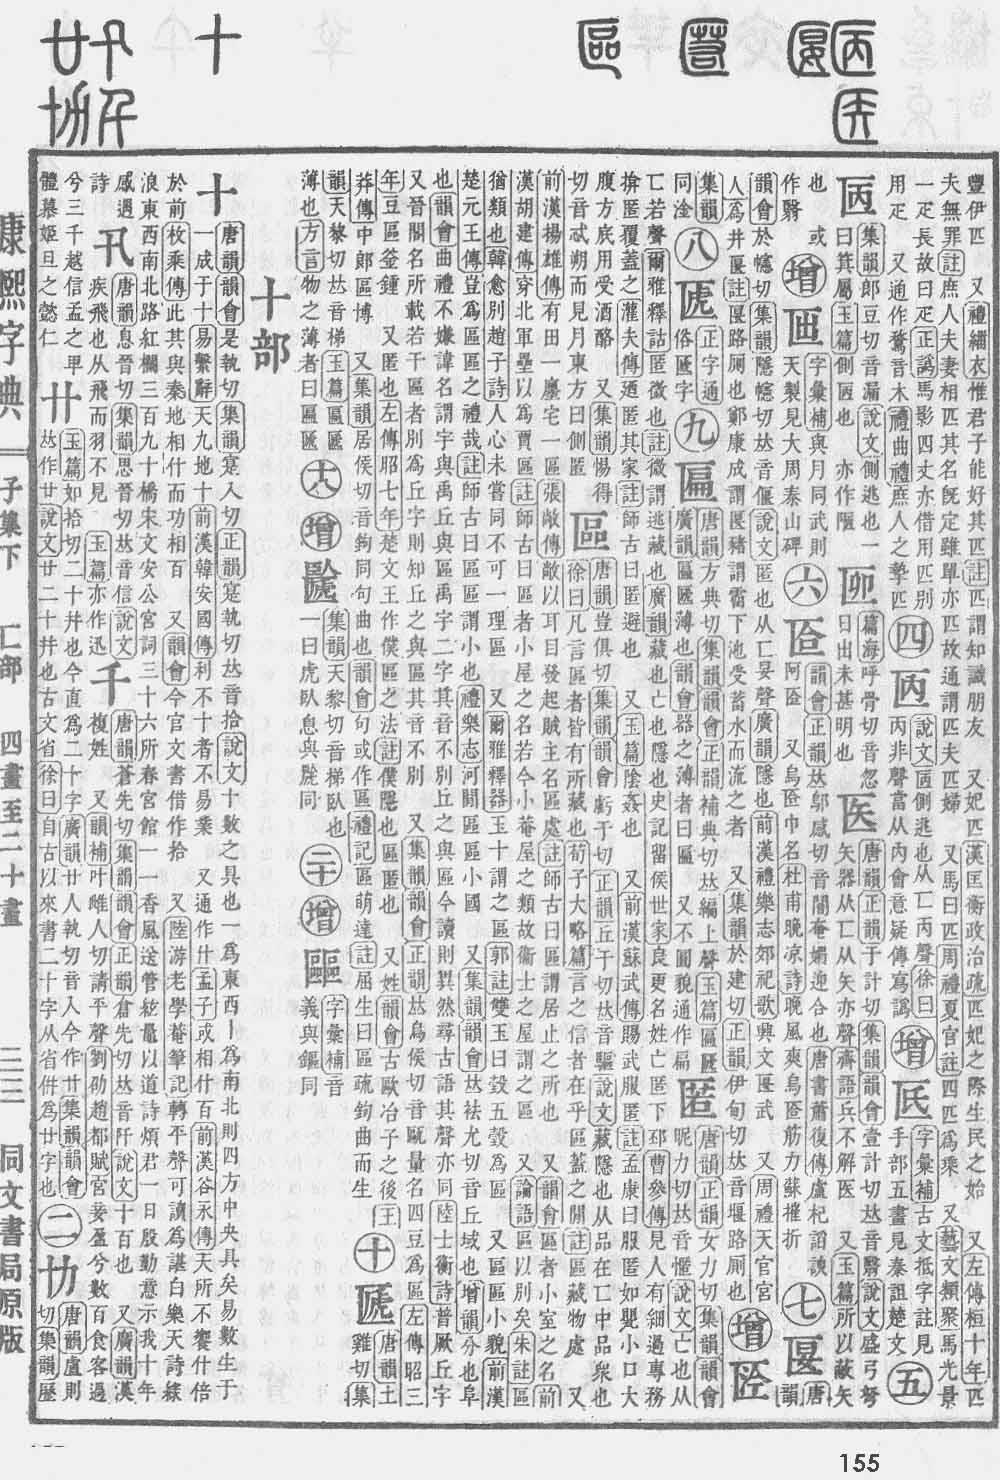 《康熙字典》第155页